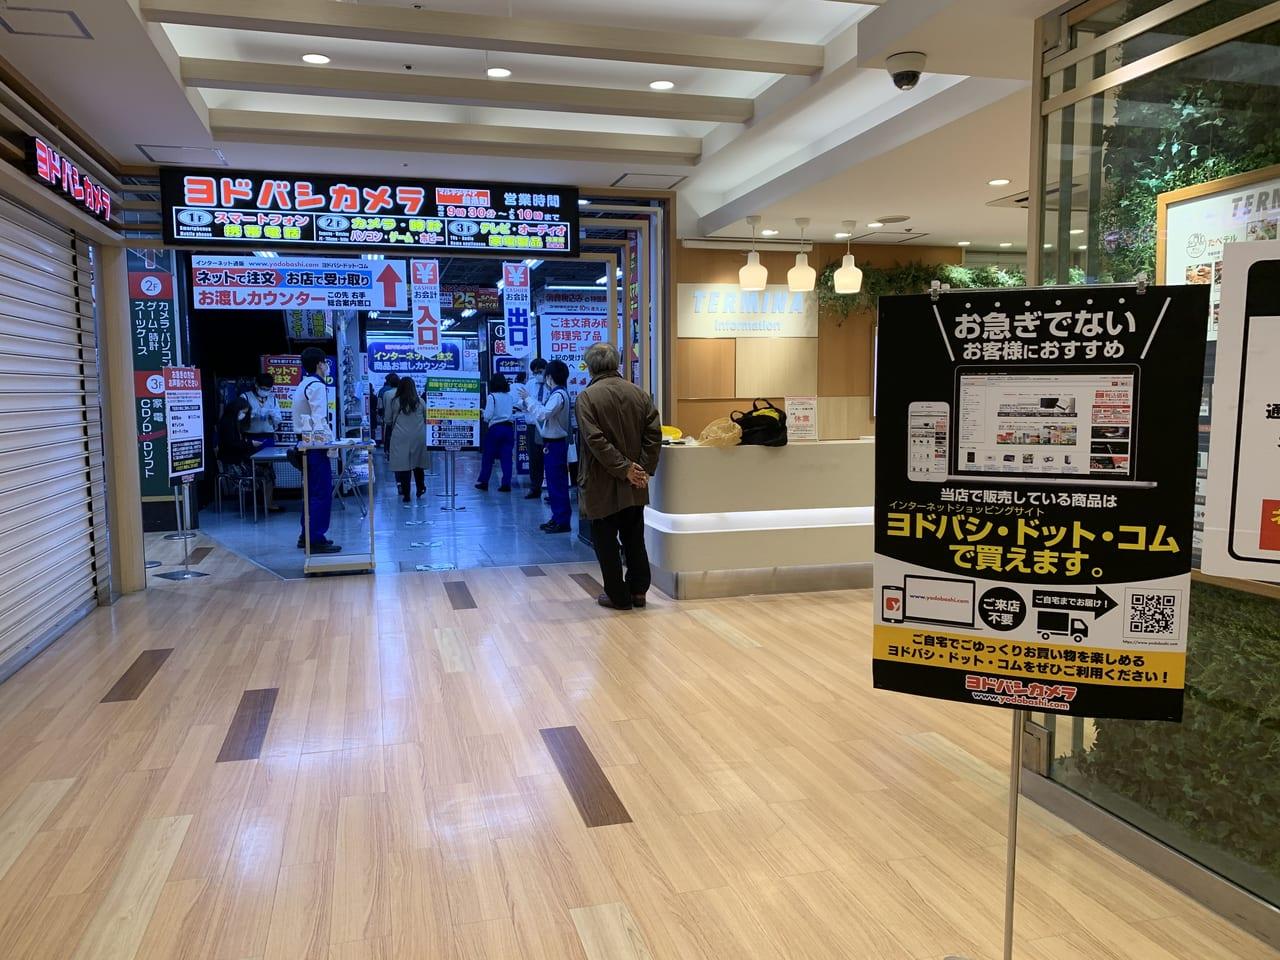 カメラ 錦糸 町 ヨドバシ